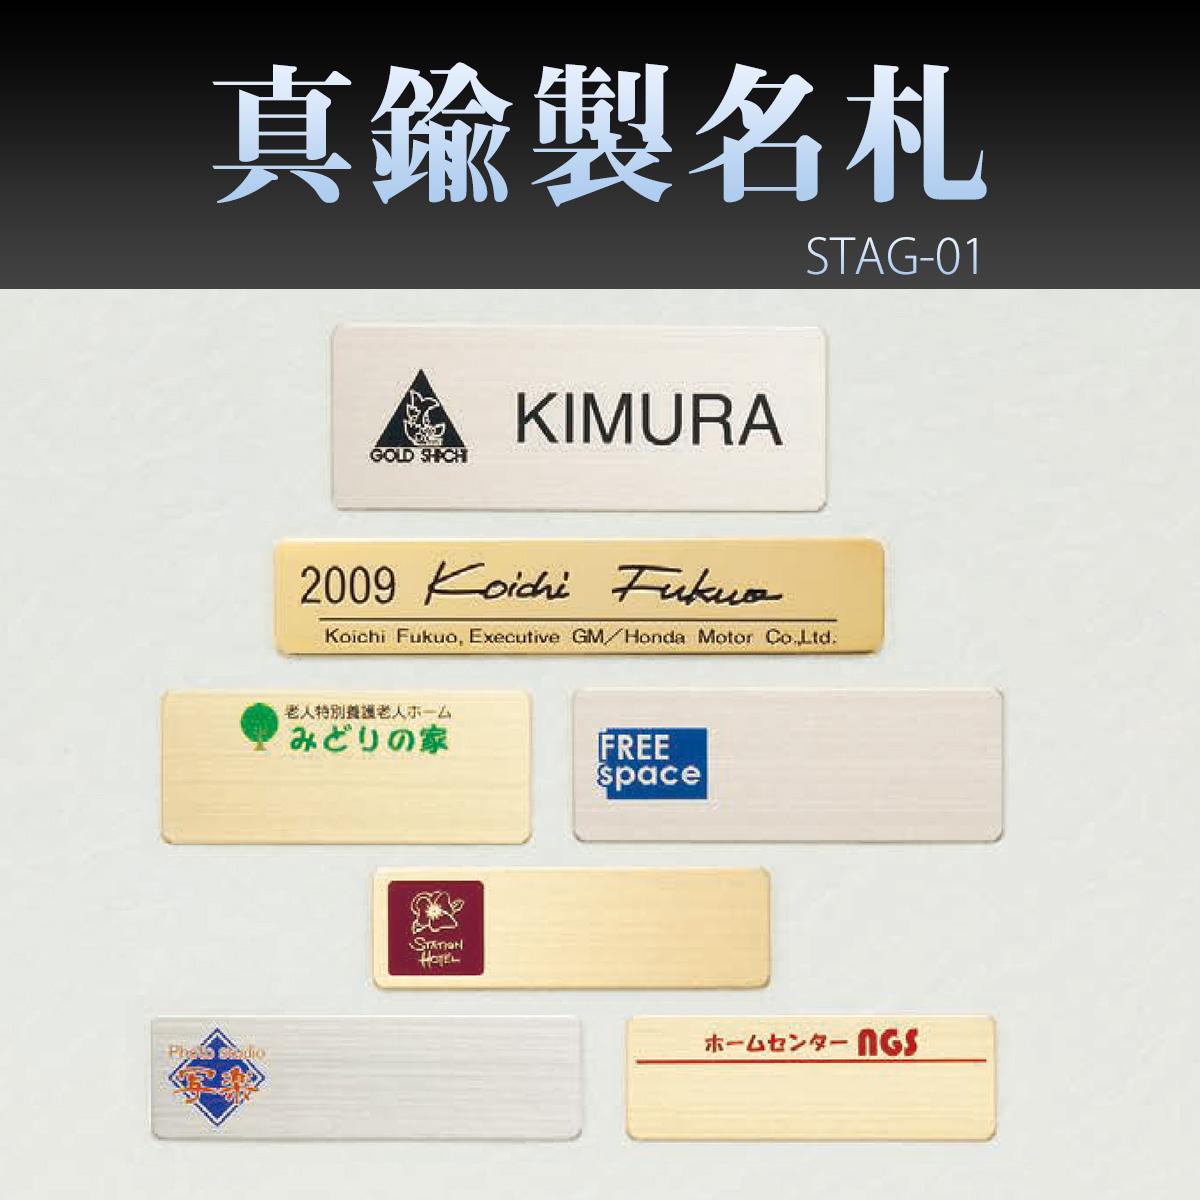 真鍮製名札 STAG-01画像